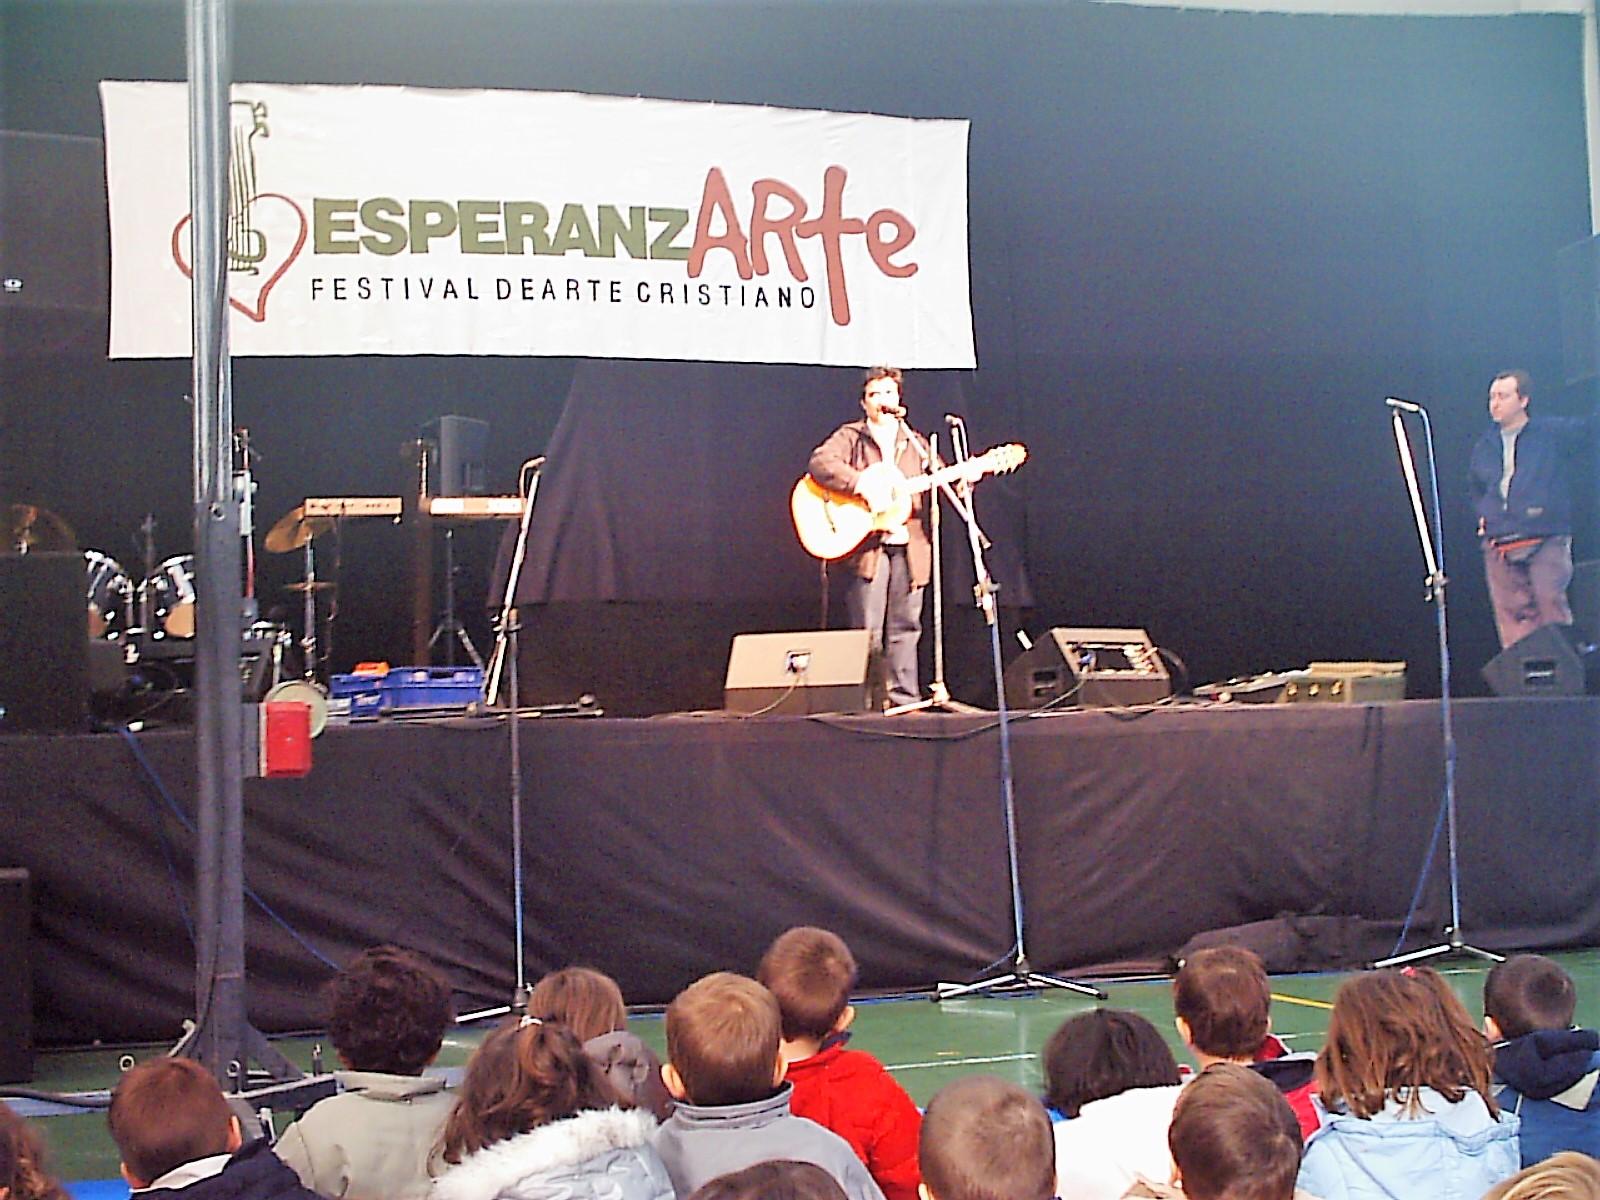 Fabiola Torrero - EsperanzARTE 2004